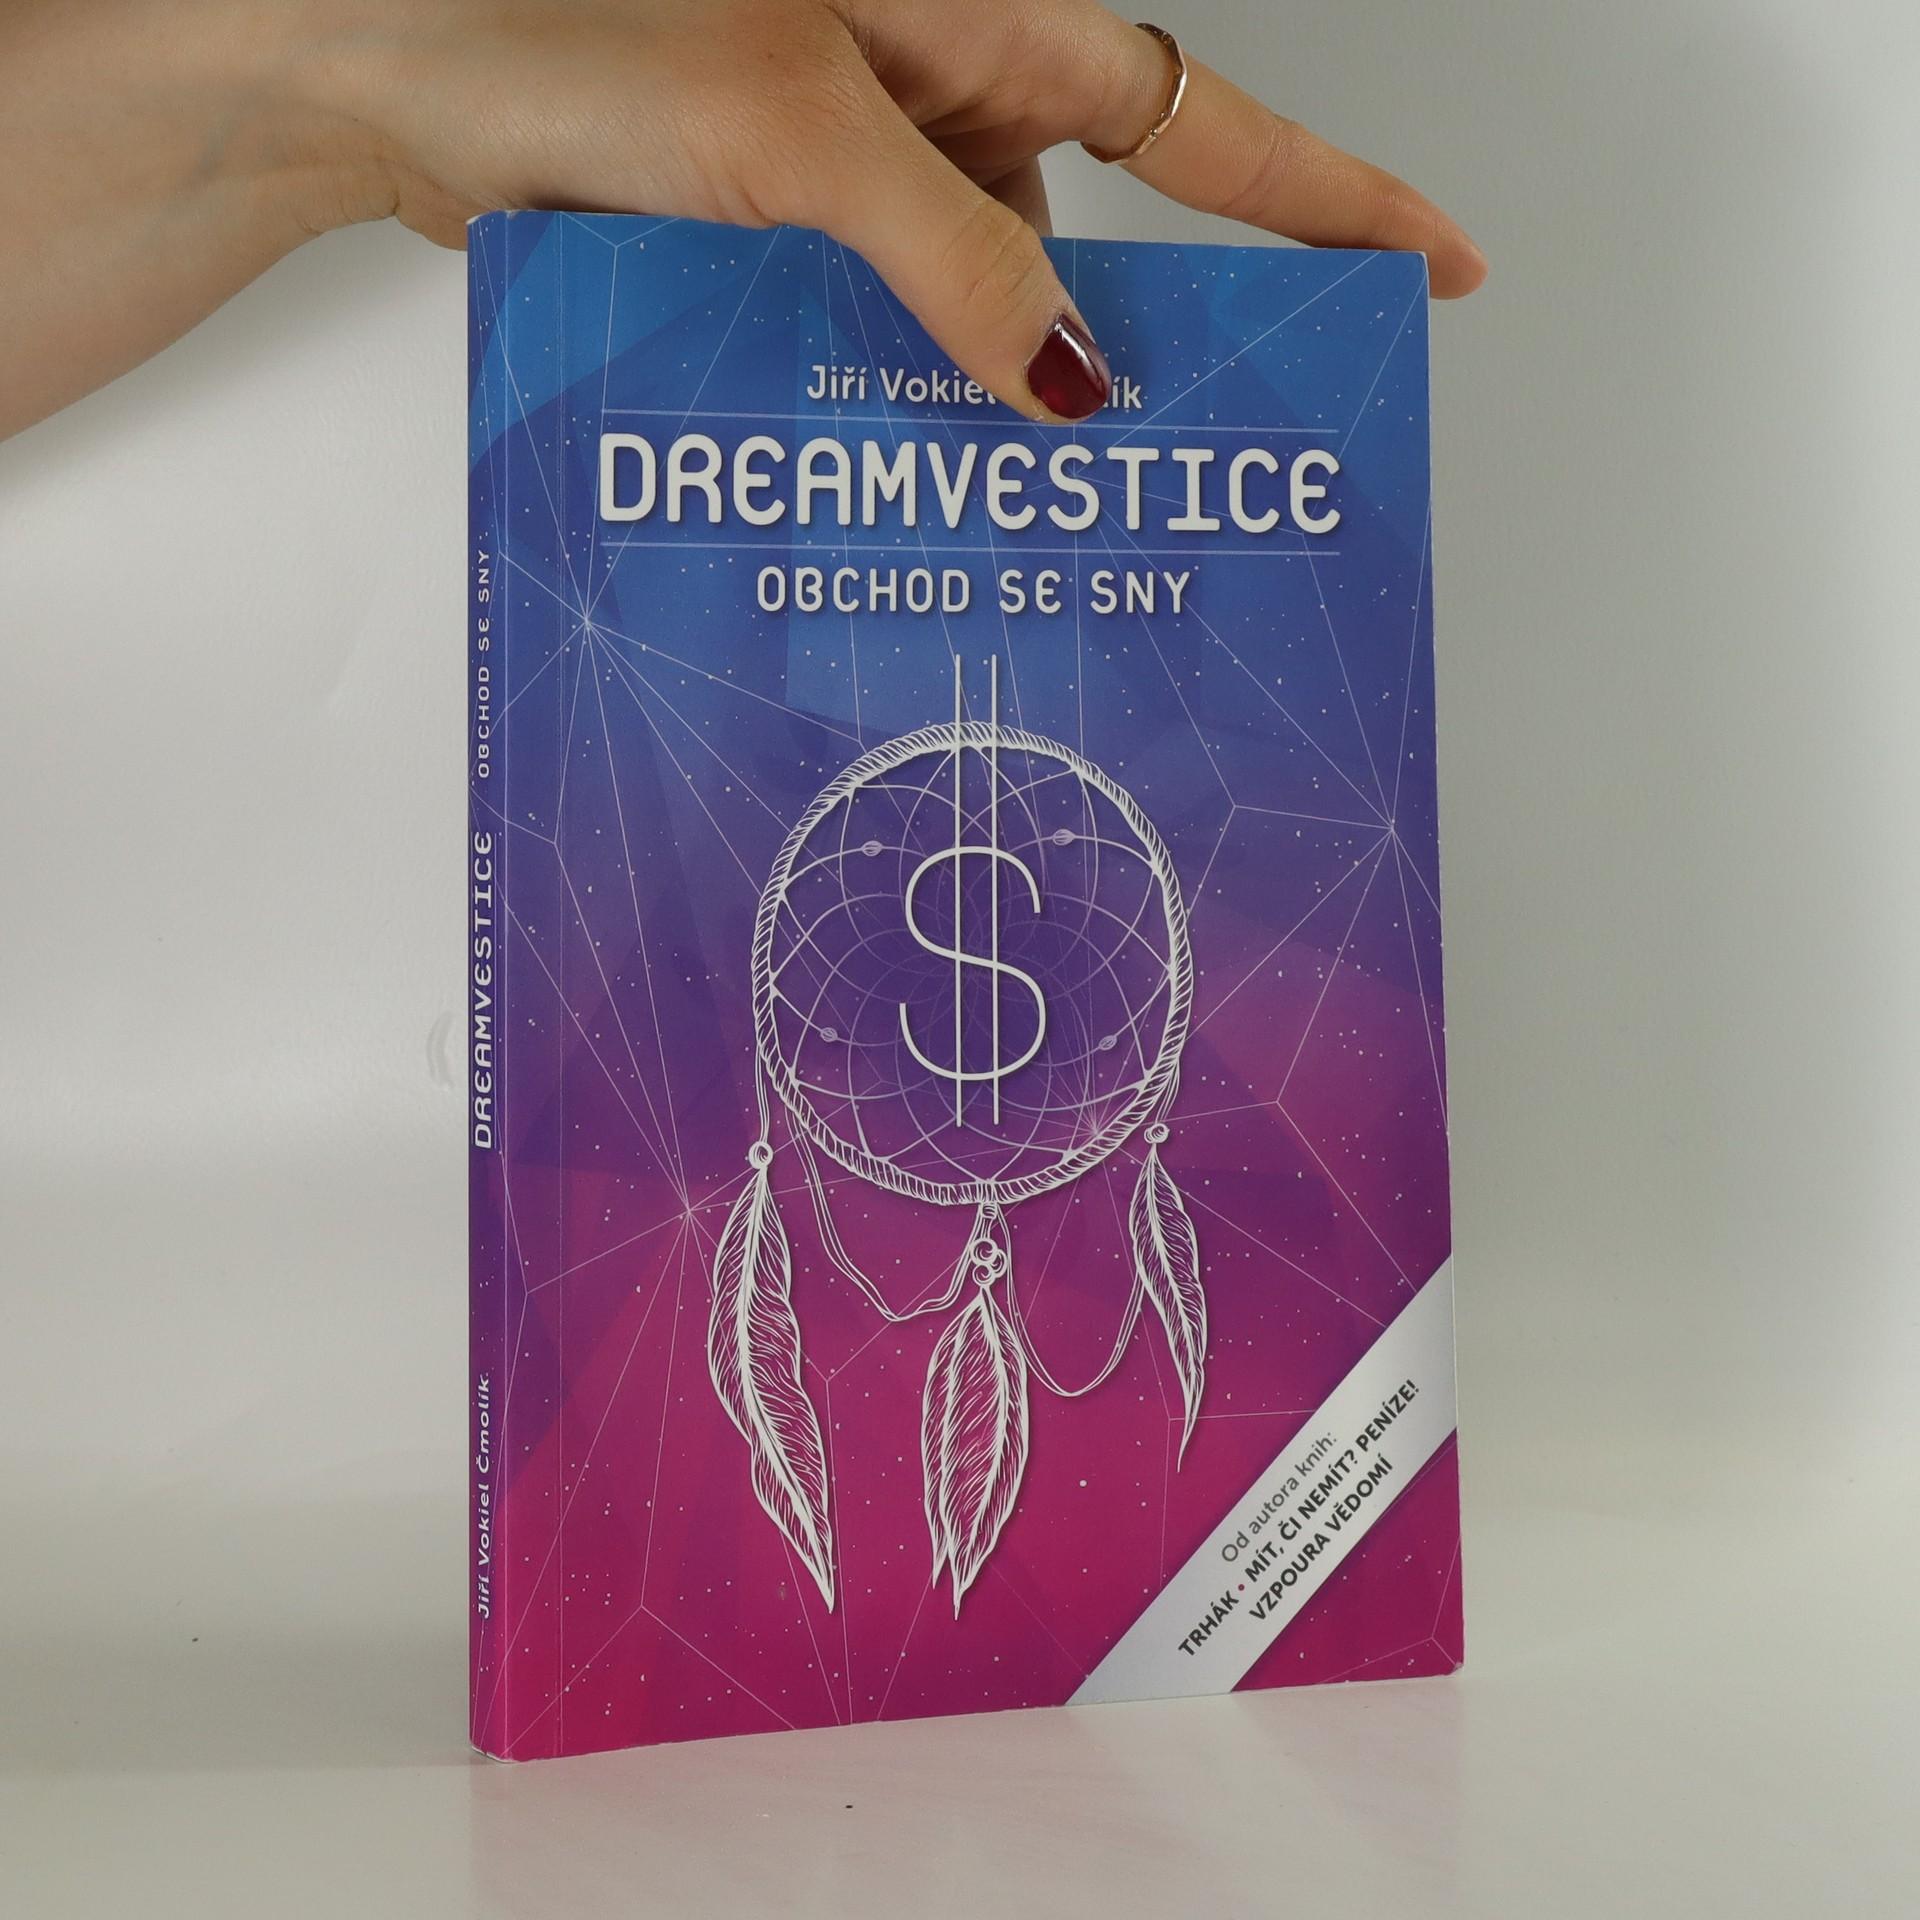 antikvární kniha Dreamvestice. Nejlepší obchod je se sny, neuveden